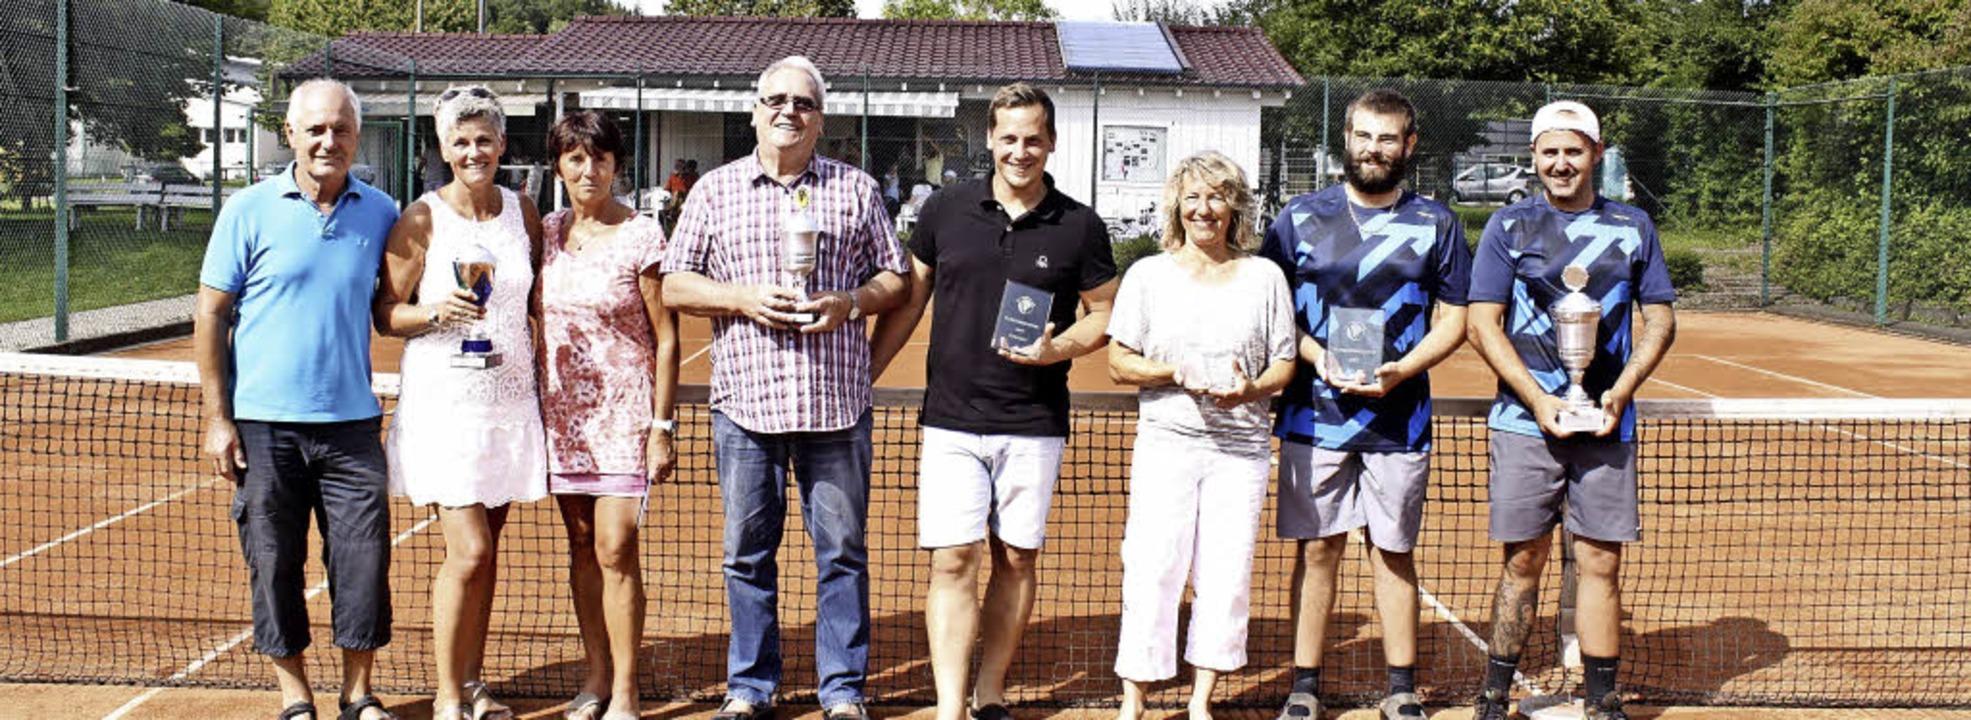 Der Sportwart und die Vereinsmeister 2...asa Trcovic (es fehlt Bernd Kessler).     Foto: ZVG